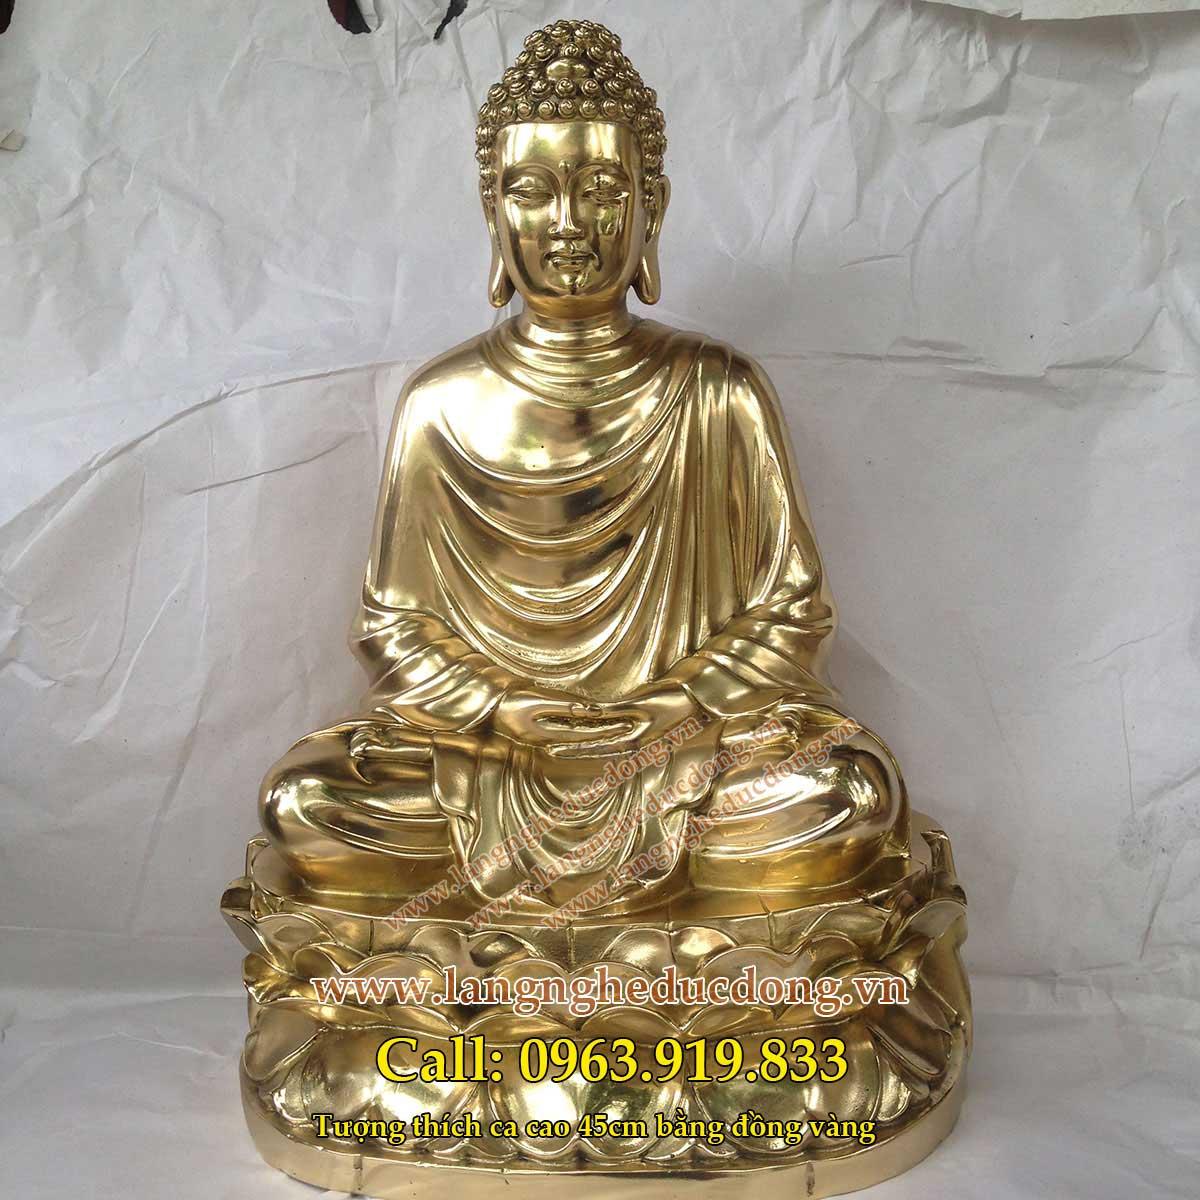 langngheducdong.vn - phật thích ca mâu ni bằng đồng cao 45cm màu vàng sáng